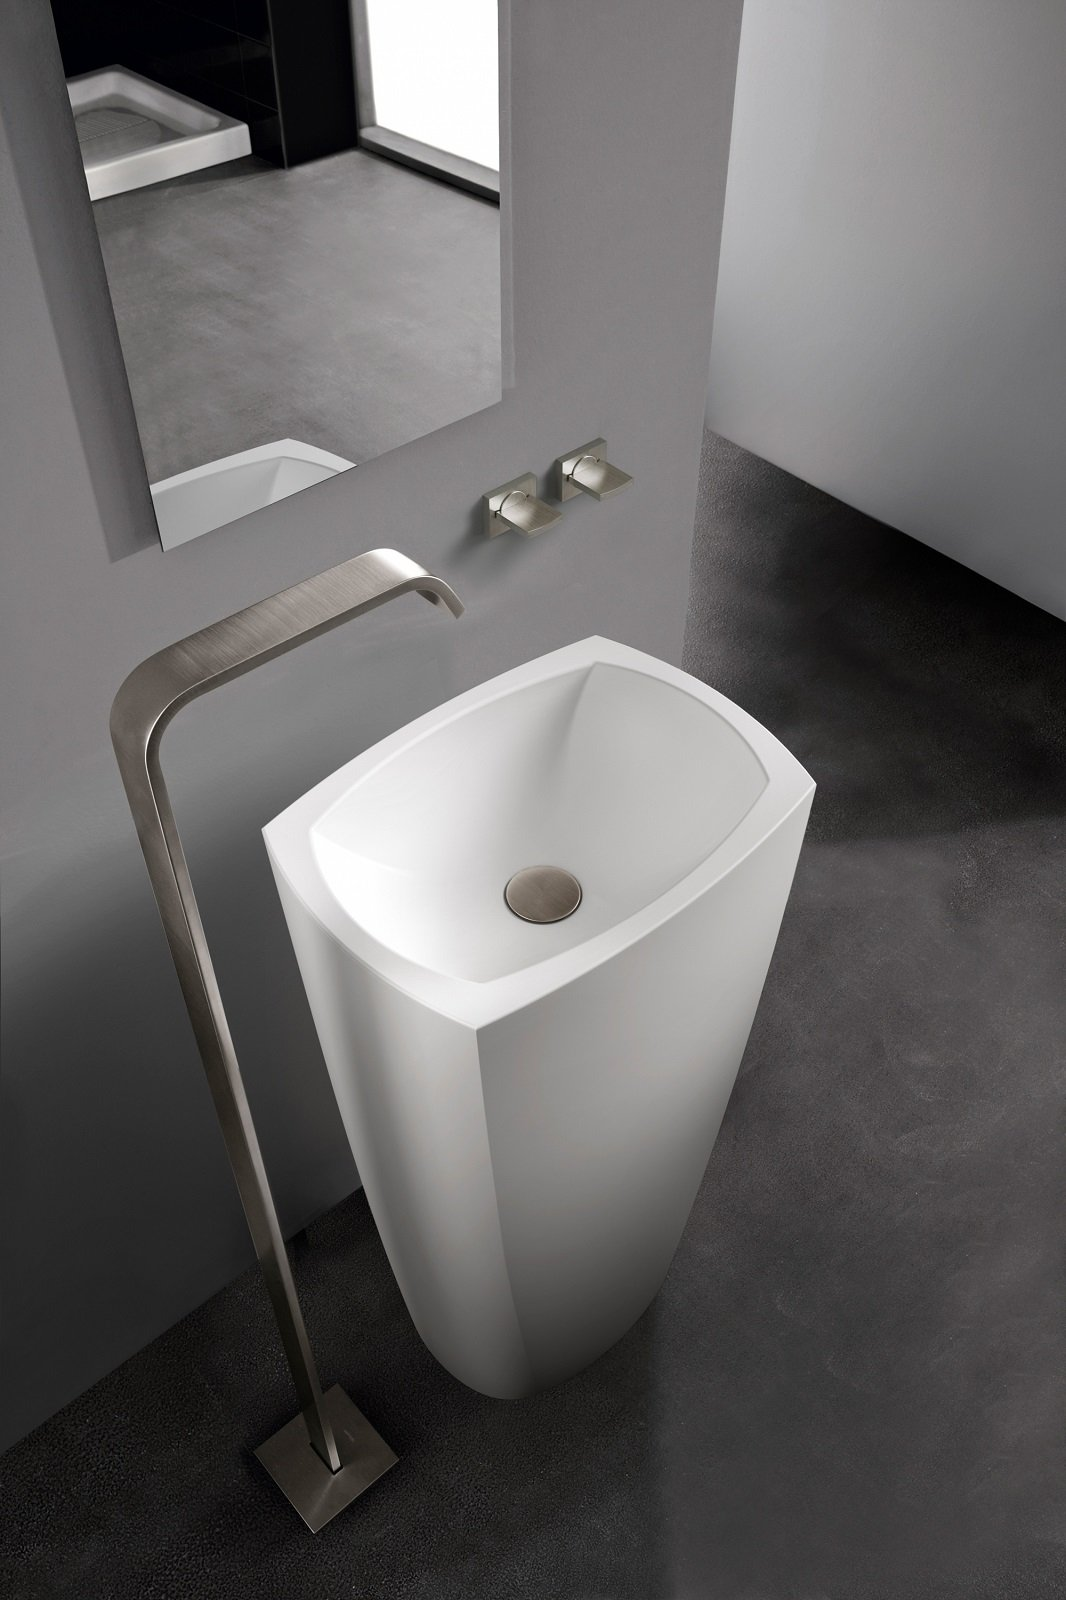 Lavabo con colonna in stile classico e moderno e modelli in un solo pezzo - Non solo bagno milazzo ...